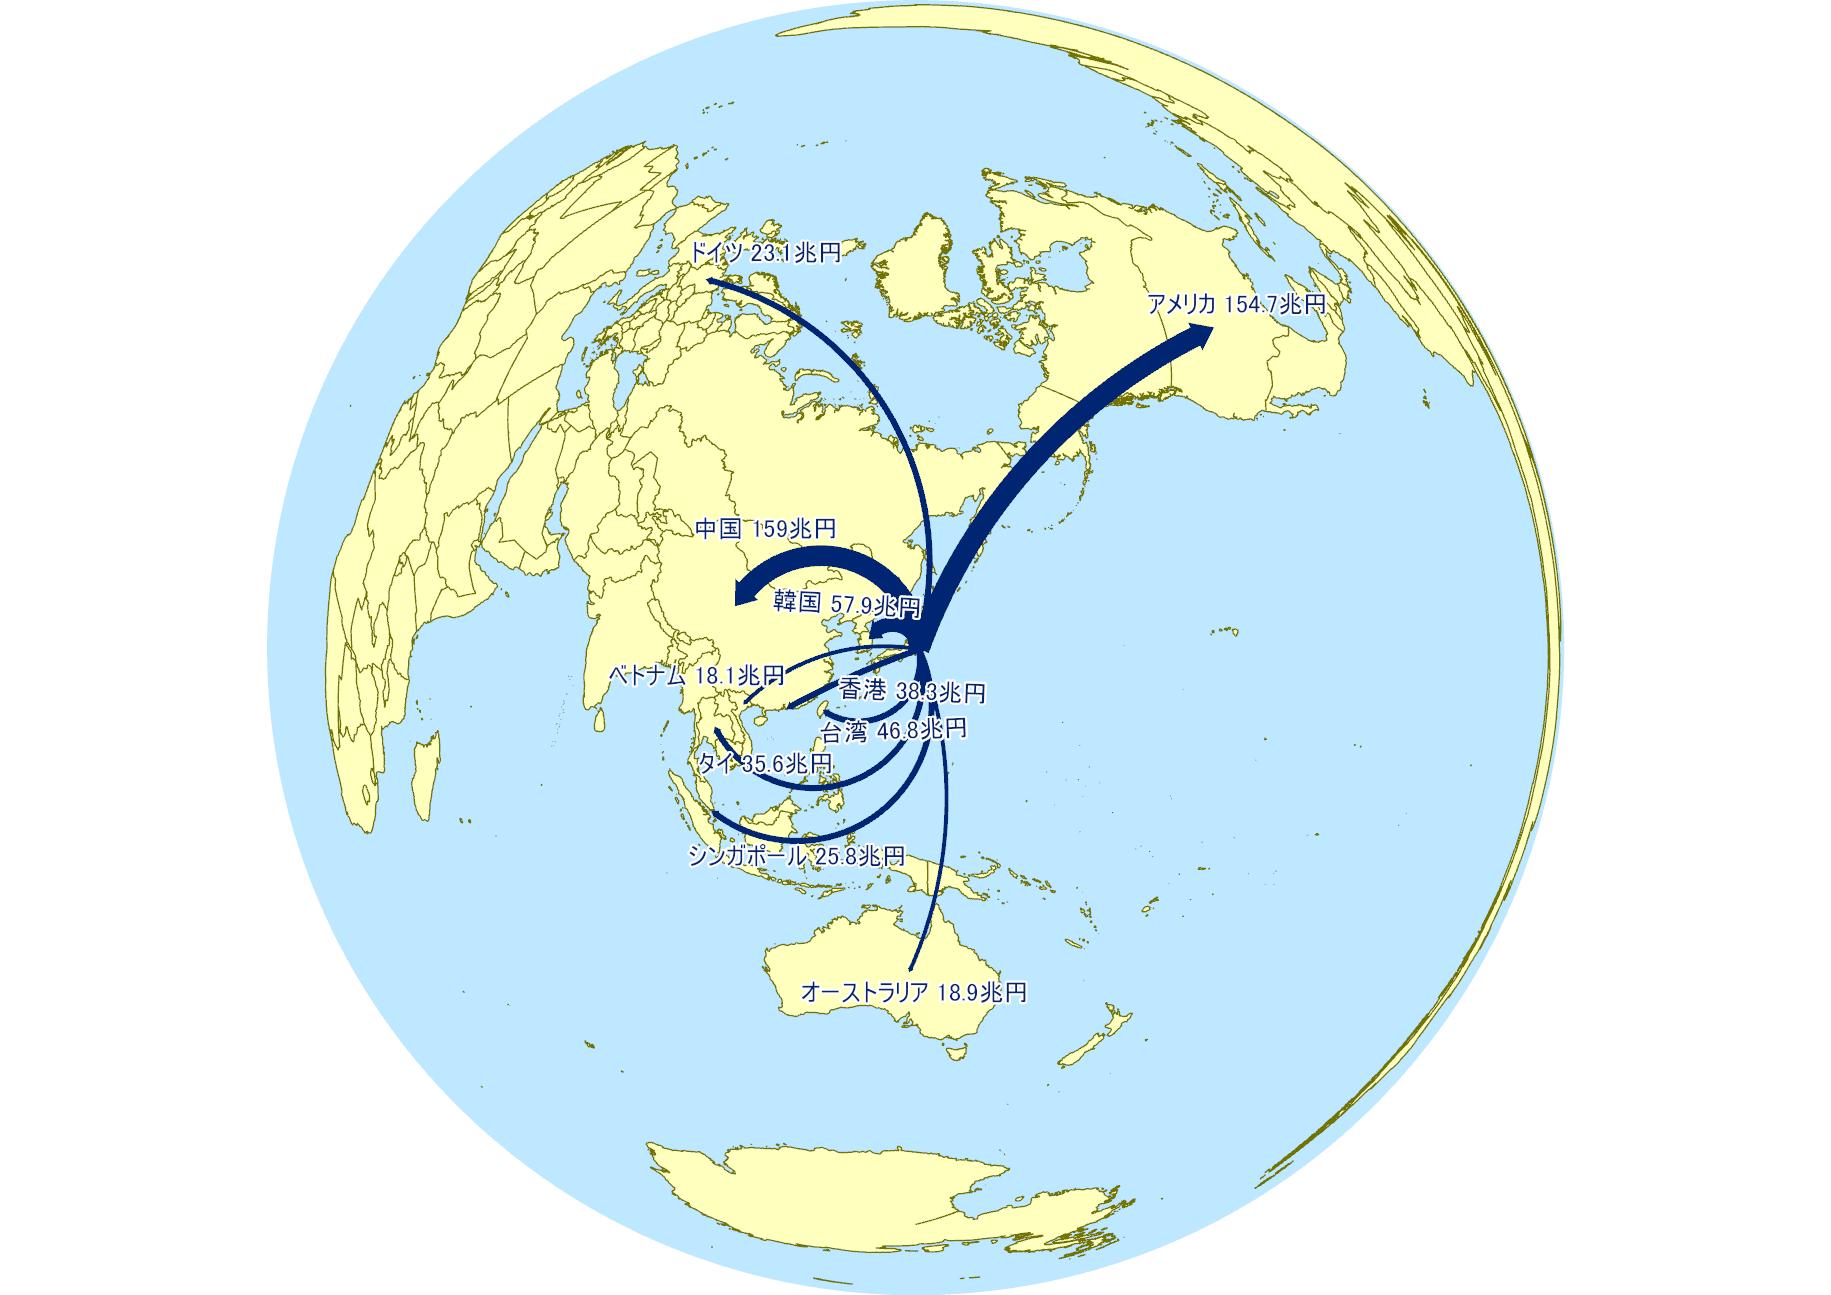 2018年における日本から輸出金額上位10カ国と輸出金額